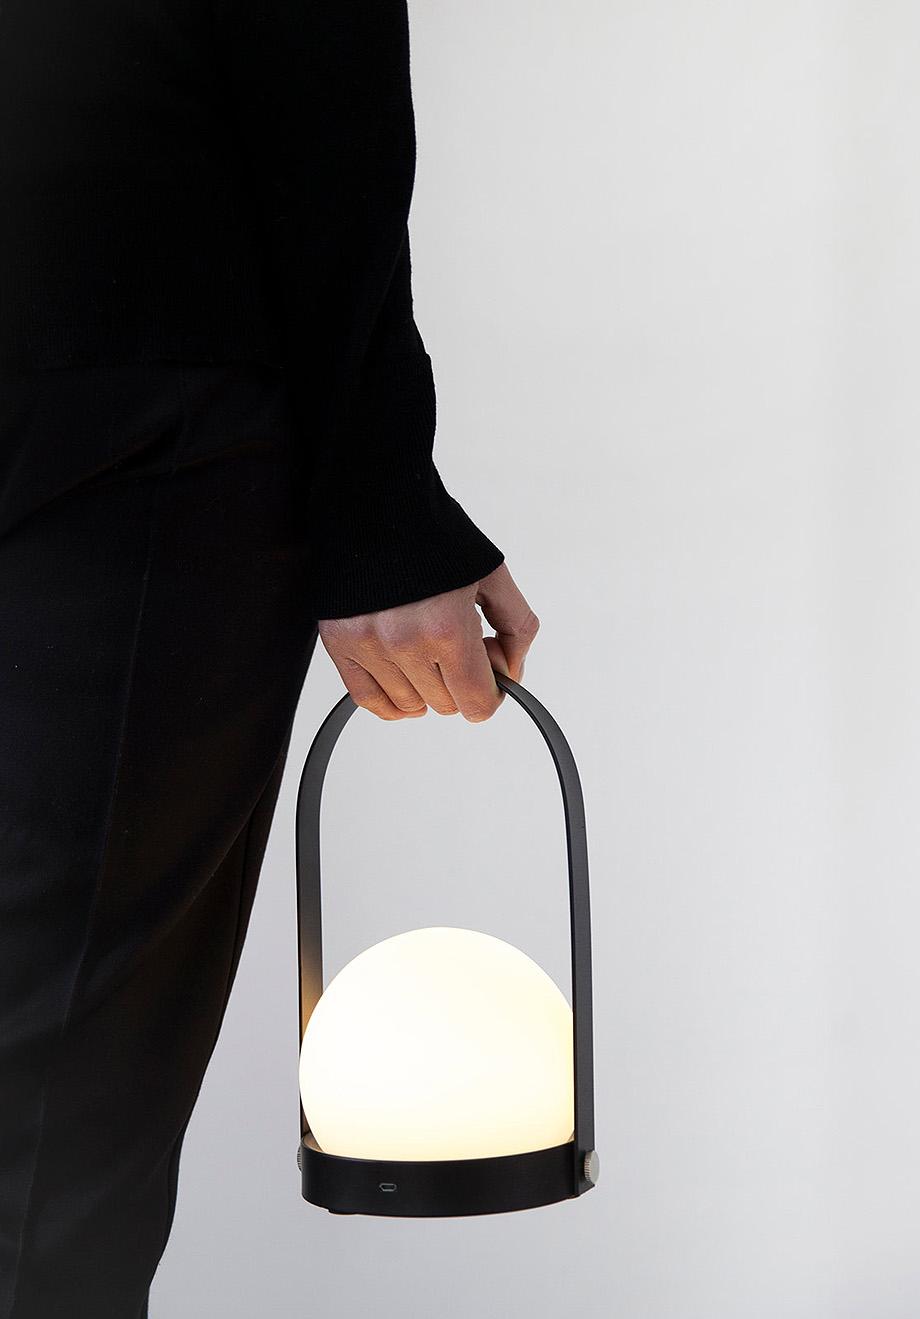 2. lampara led portatil carrie de norm architects para menu